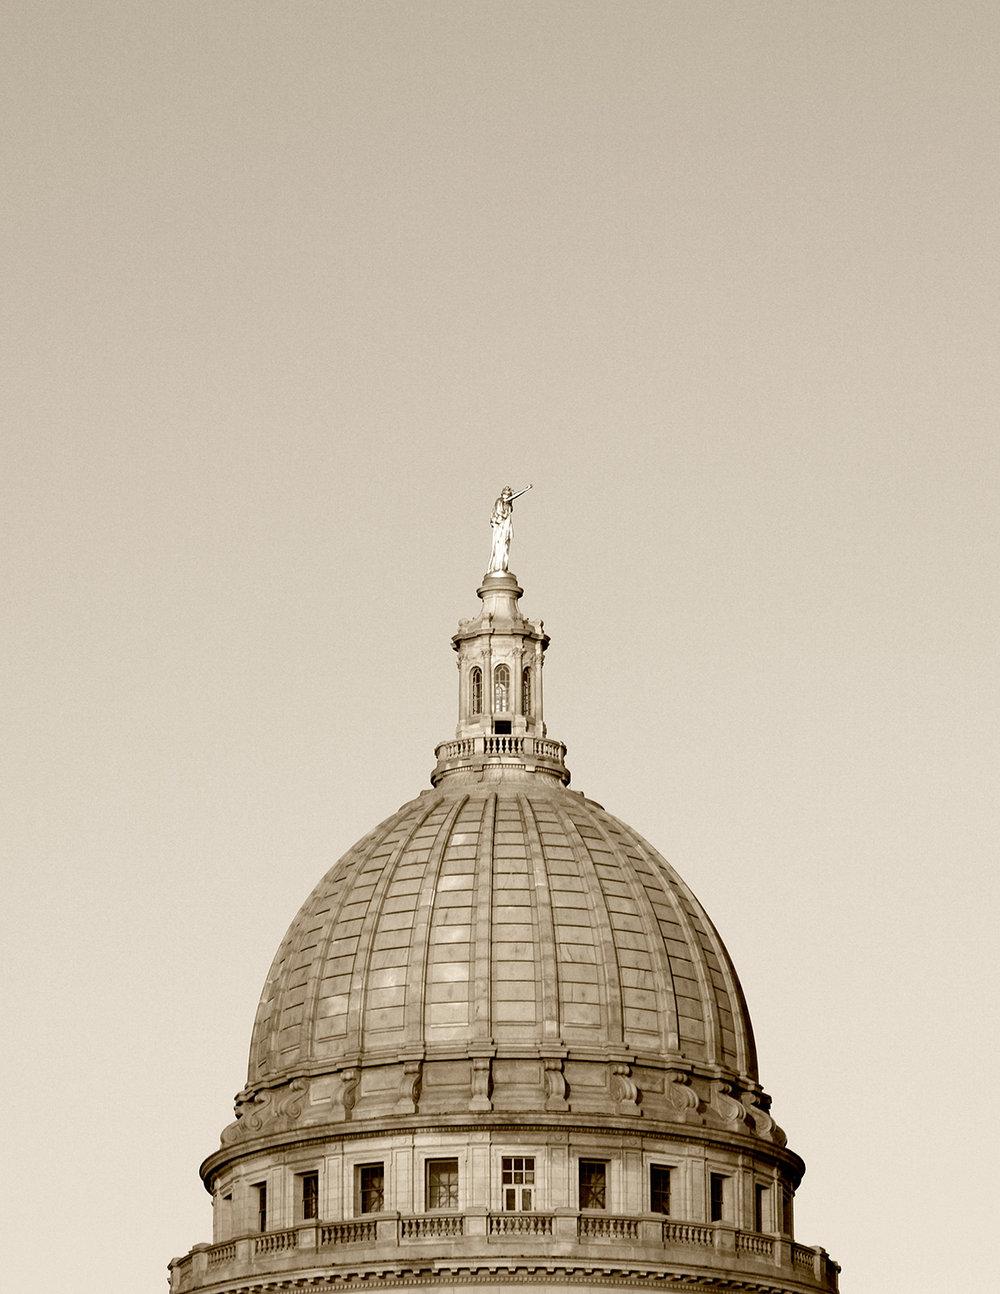 Rustic Dome